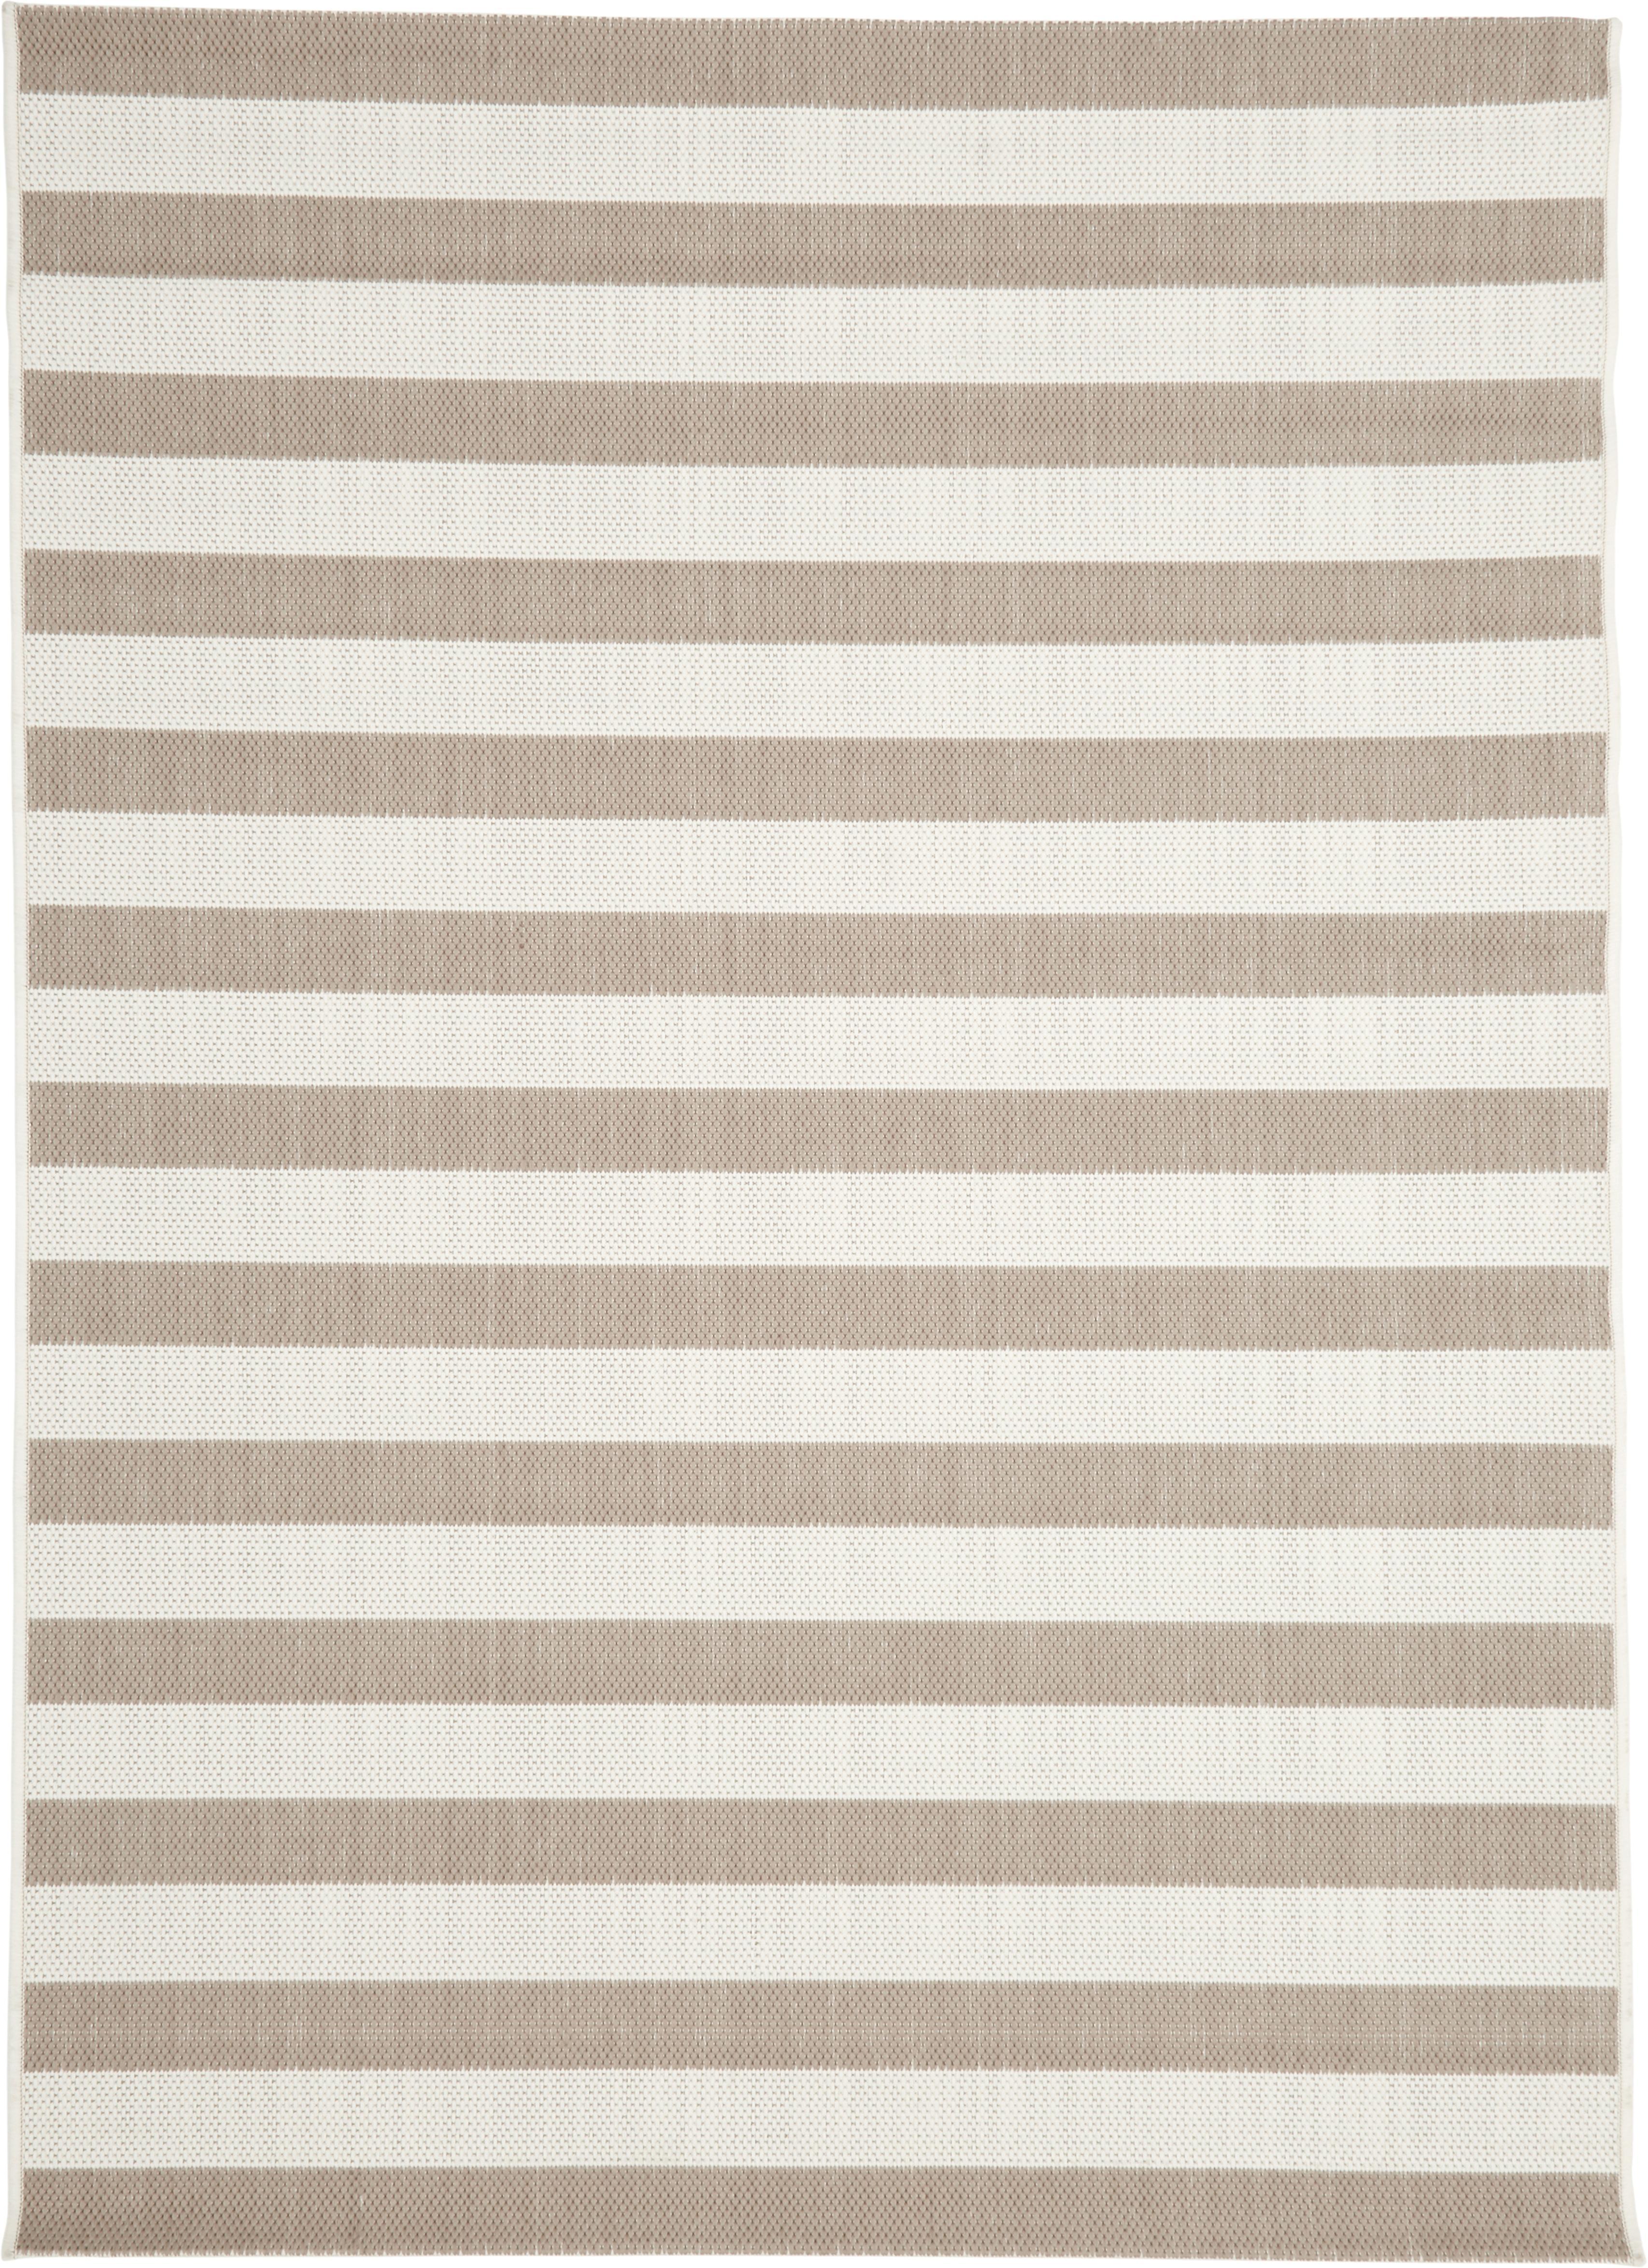 Tappeto da interno-esterno a righe Axa, Retro: poliestere, Bianco crema, beige, Larg. 120 x Lung. 170 cm (taglia s)